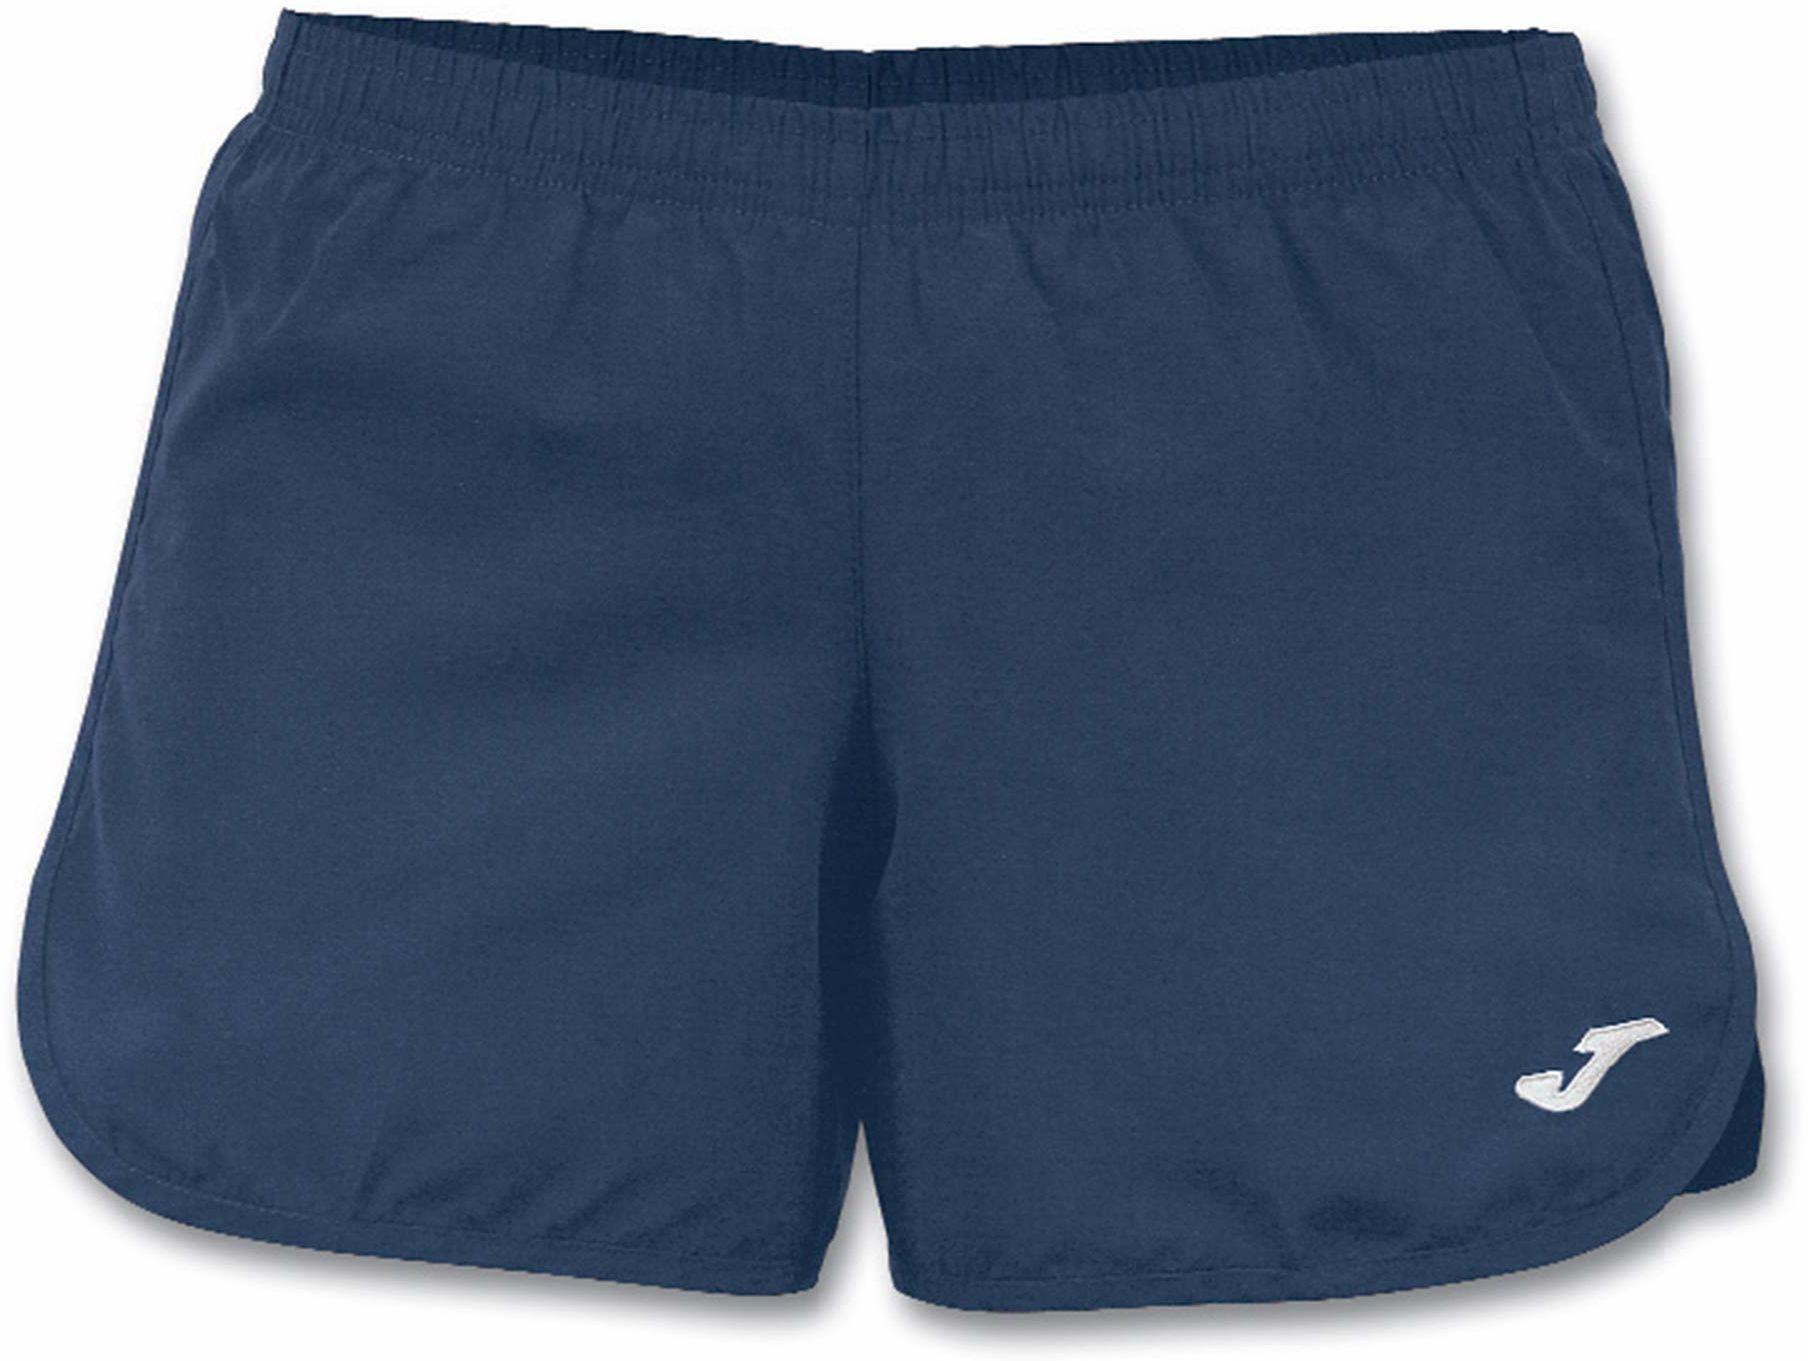 Joma Unisex''s 1232WP13.001 Bermudy Caprihose szorty niebieskie, małe